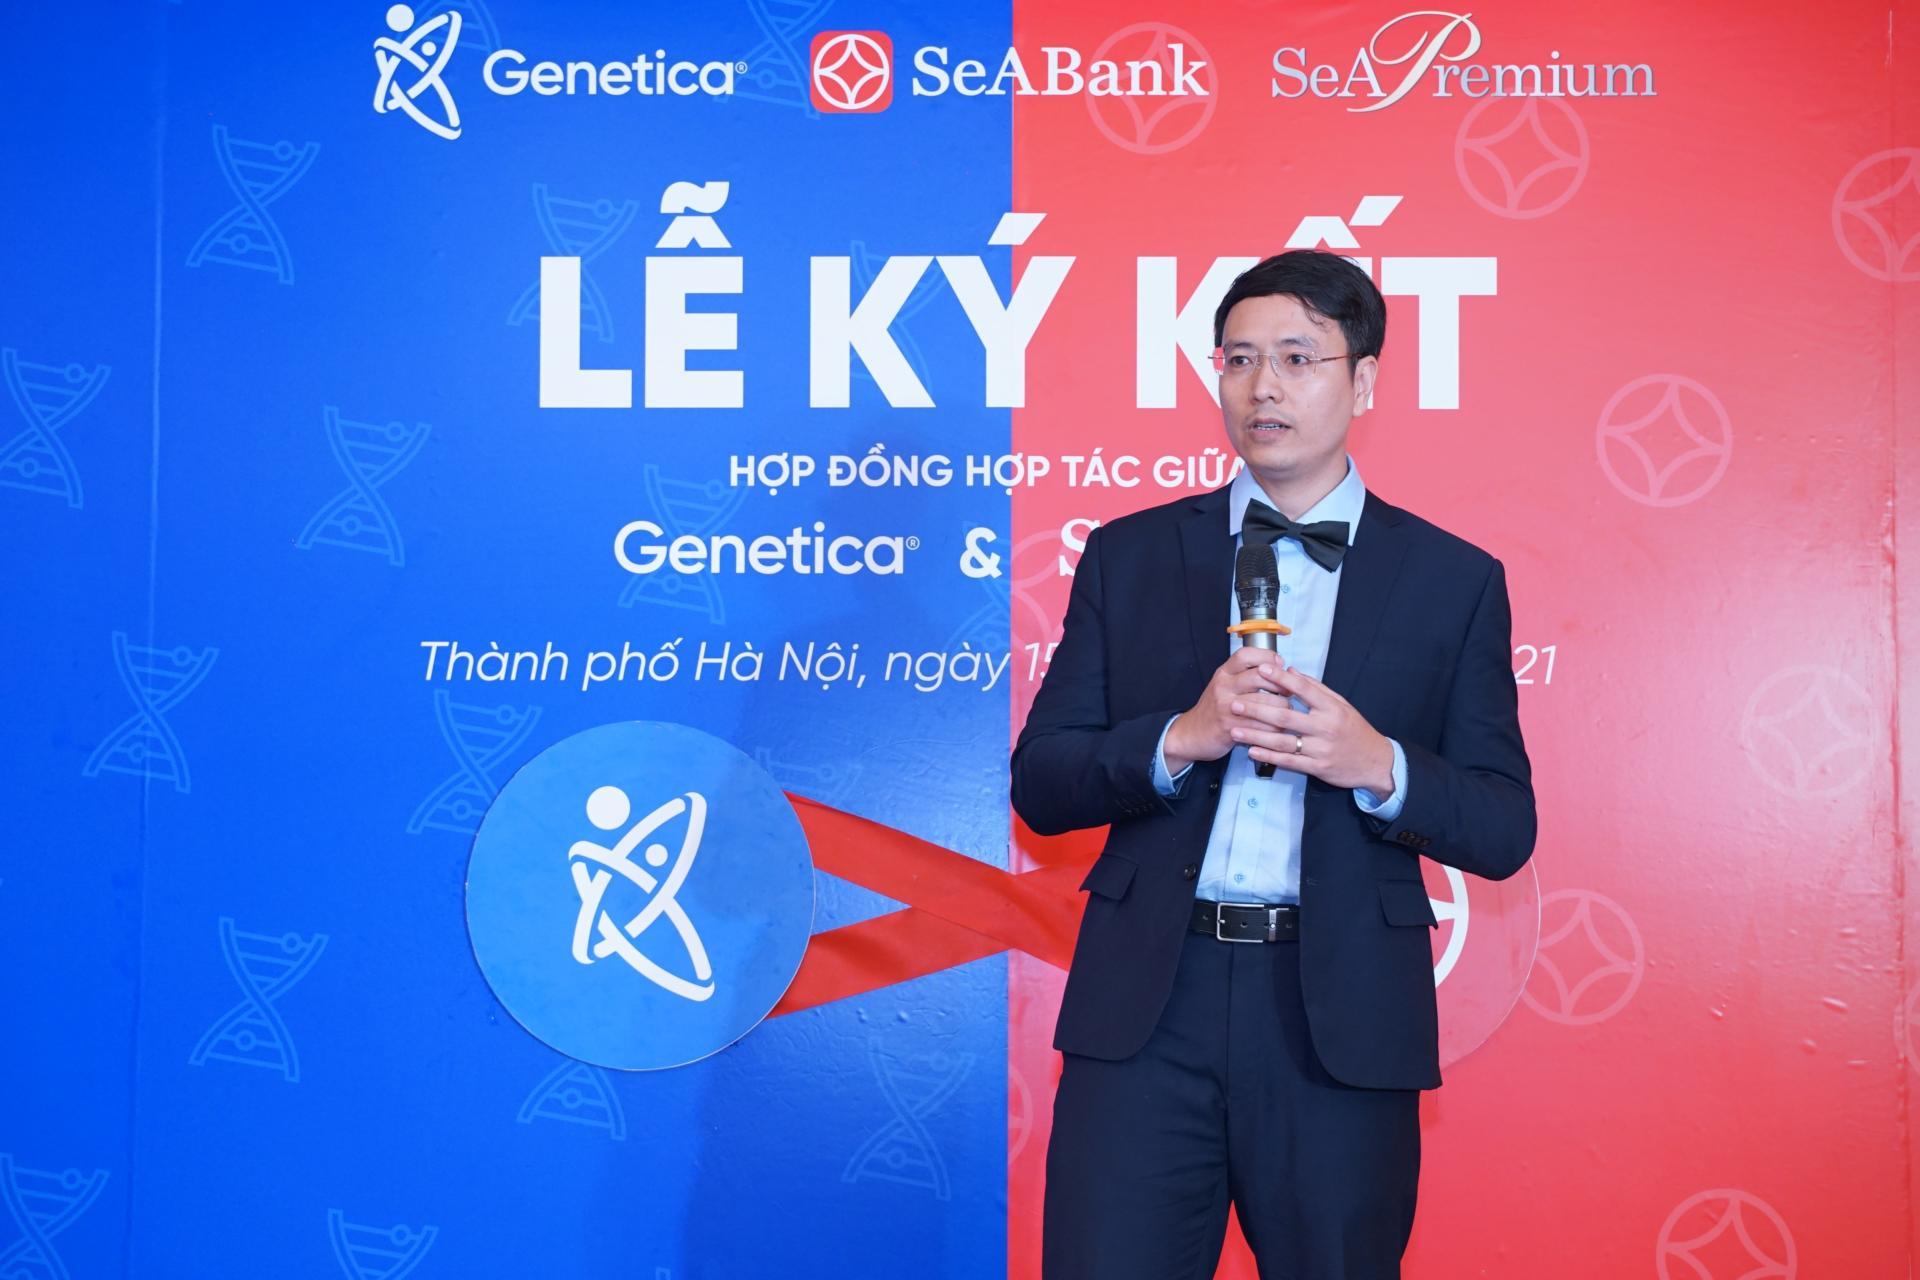 Hợp tác SeABank, Genetica tiên phong cung cấp dịch vụ giải mã gen qua hệ thống ngân hàng